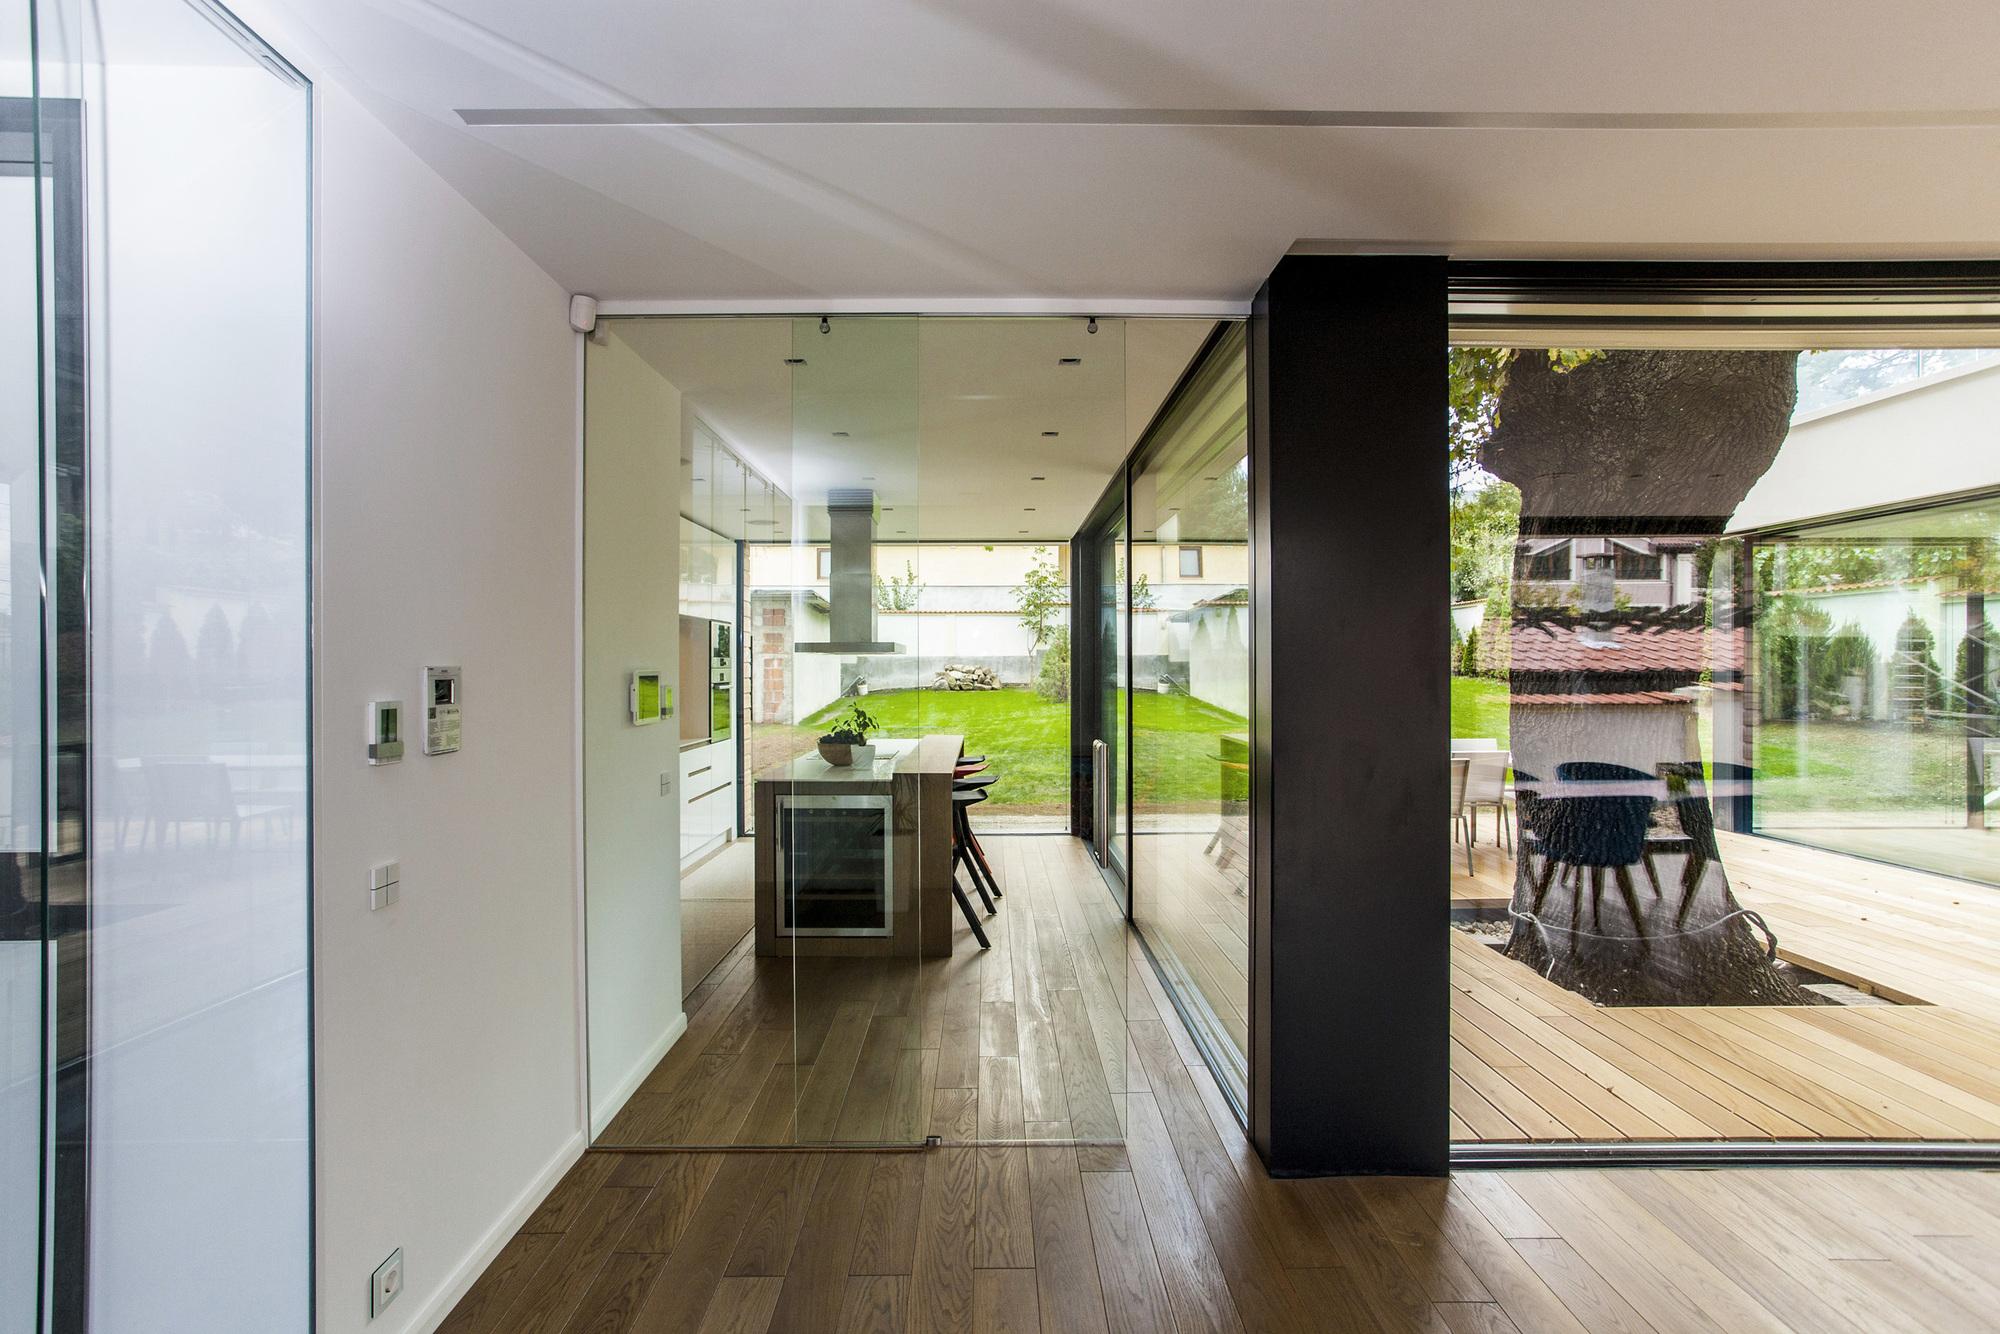 2-oaks-house-obia_obia_2oaks_image_12_alumina_elit